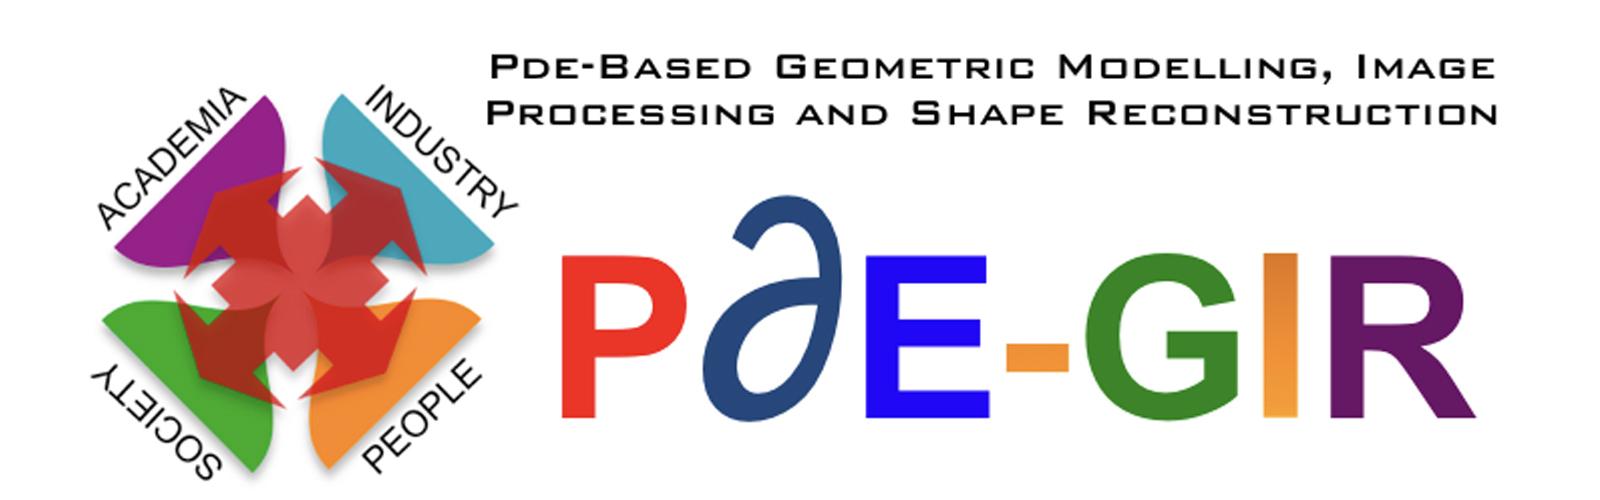 PDE-GIR logo